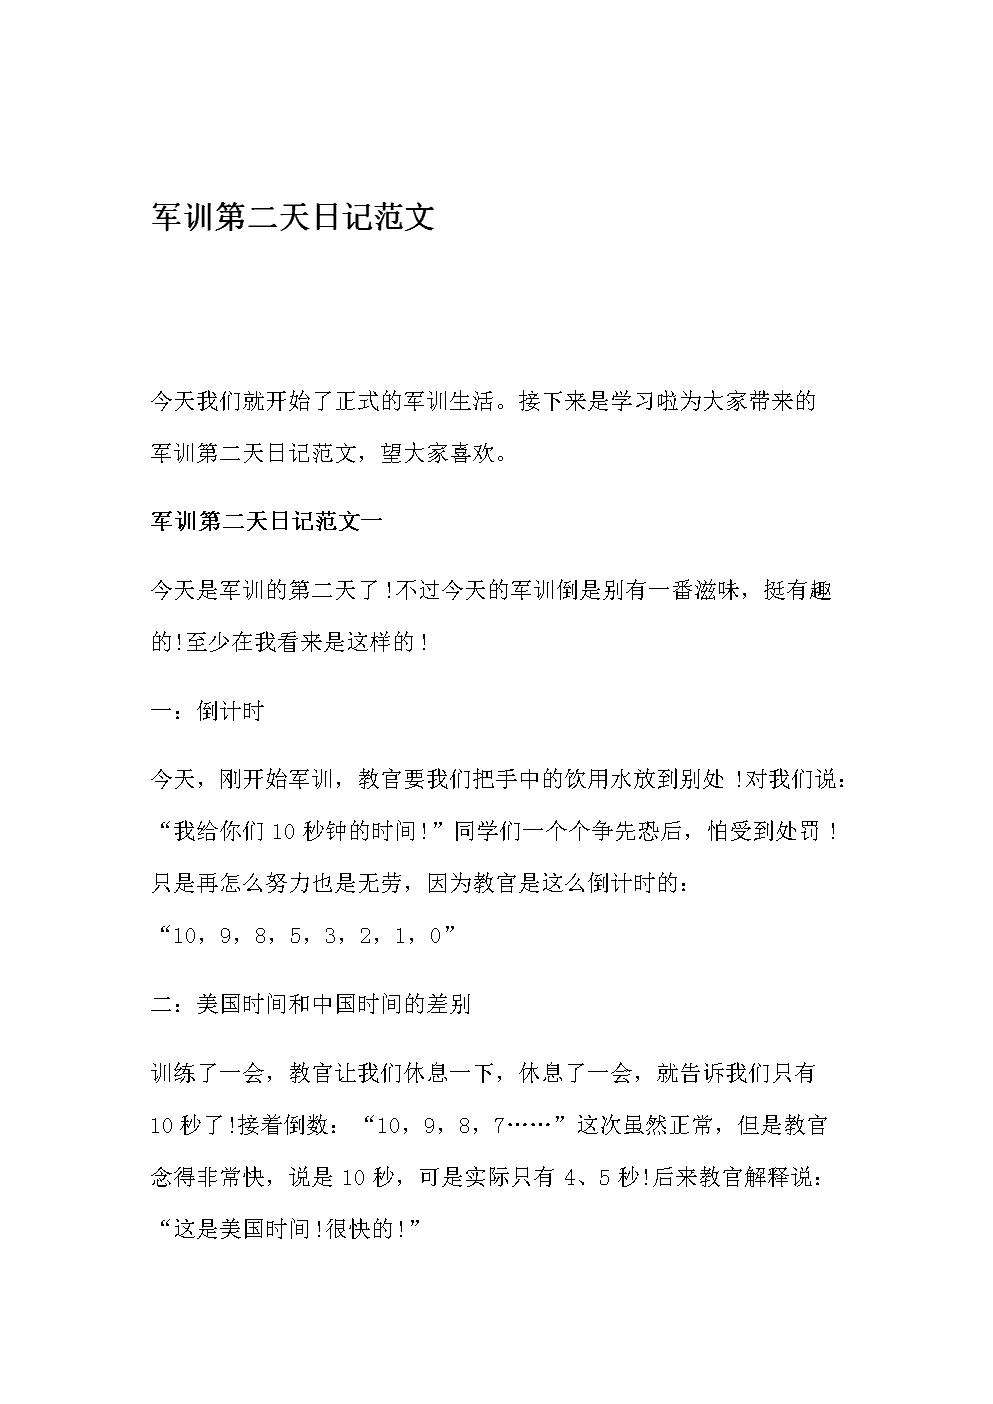 军训第二天日记范文.doc